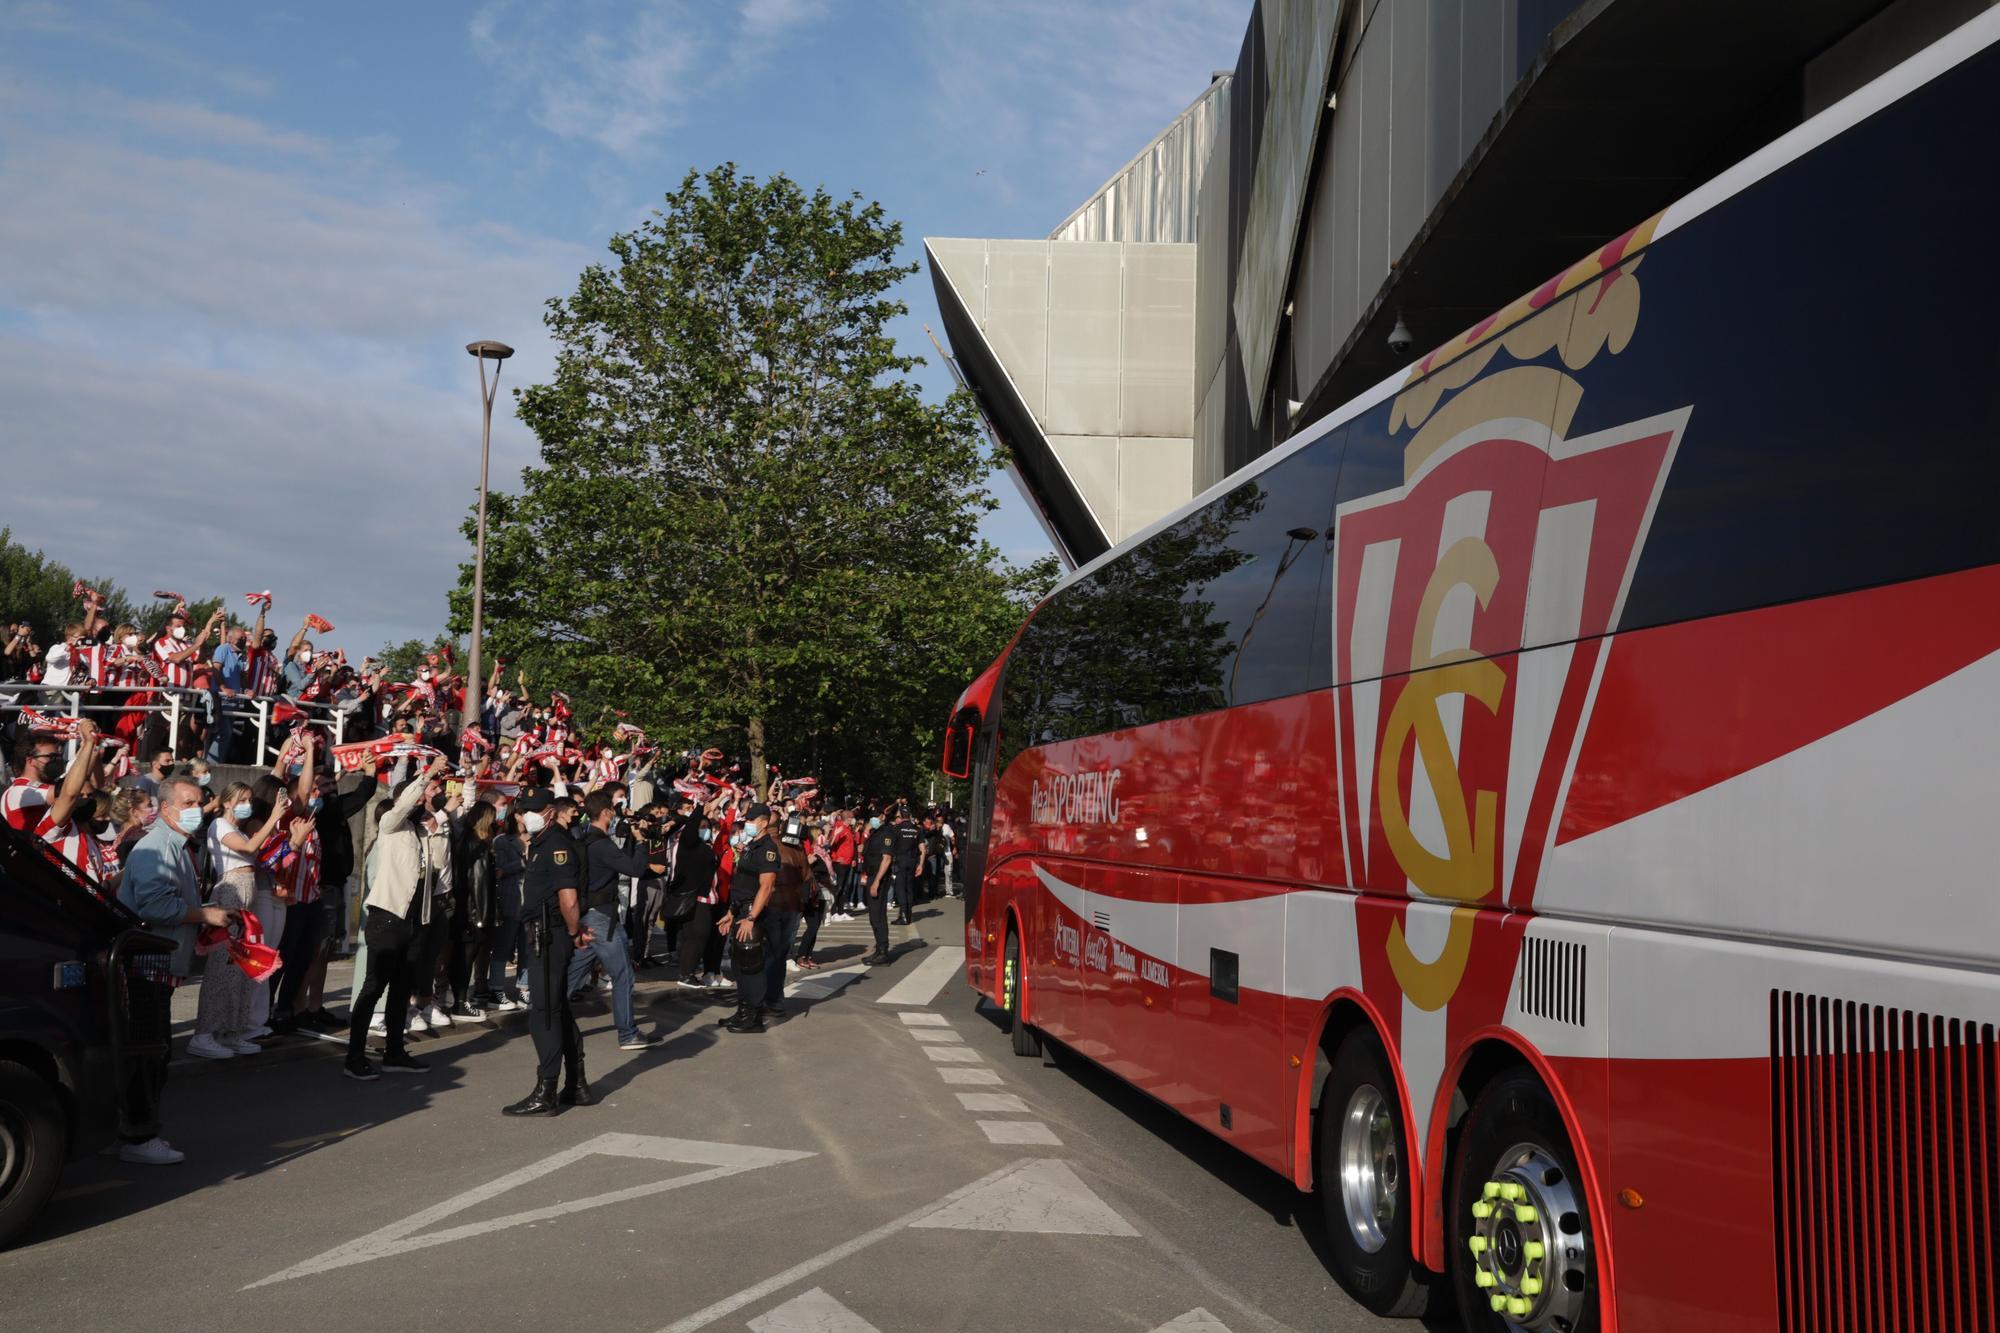 En imágenes: así fue la llegada del Sporting a El Molinón